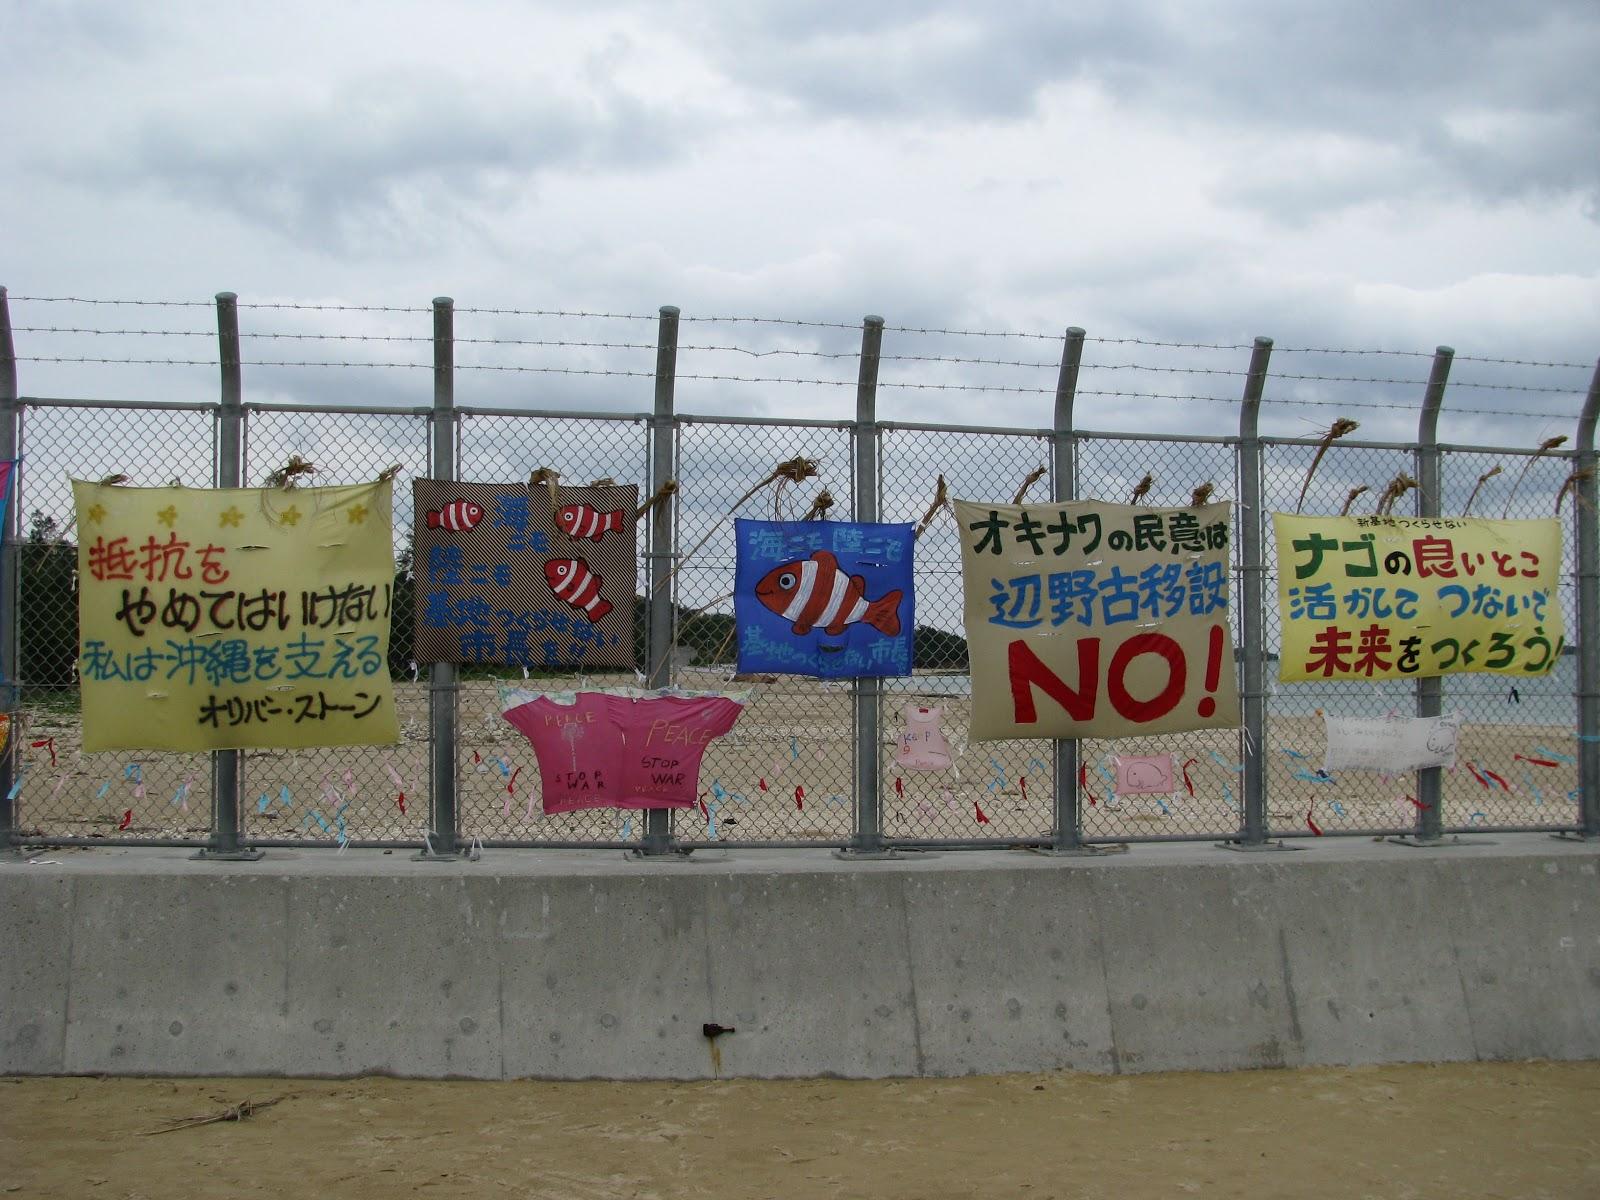 沖縄県名護市辺野古のアメリカの軍事基地:キャンプシュワブの地元住民の基地反対の看板が幾つもかけられた金網